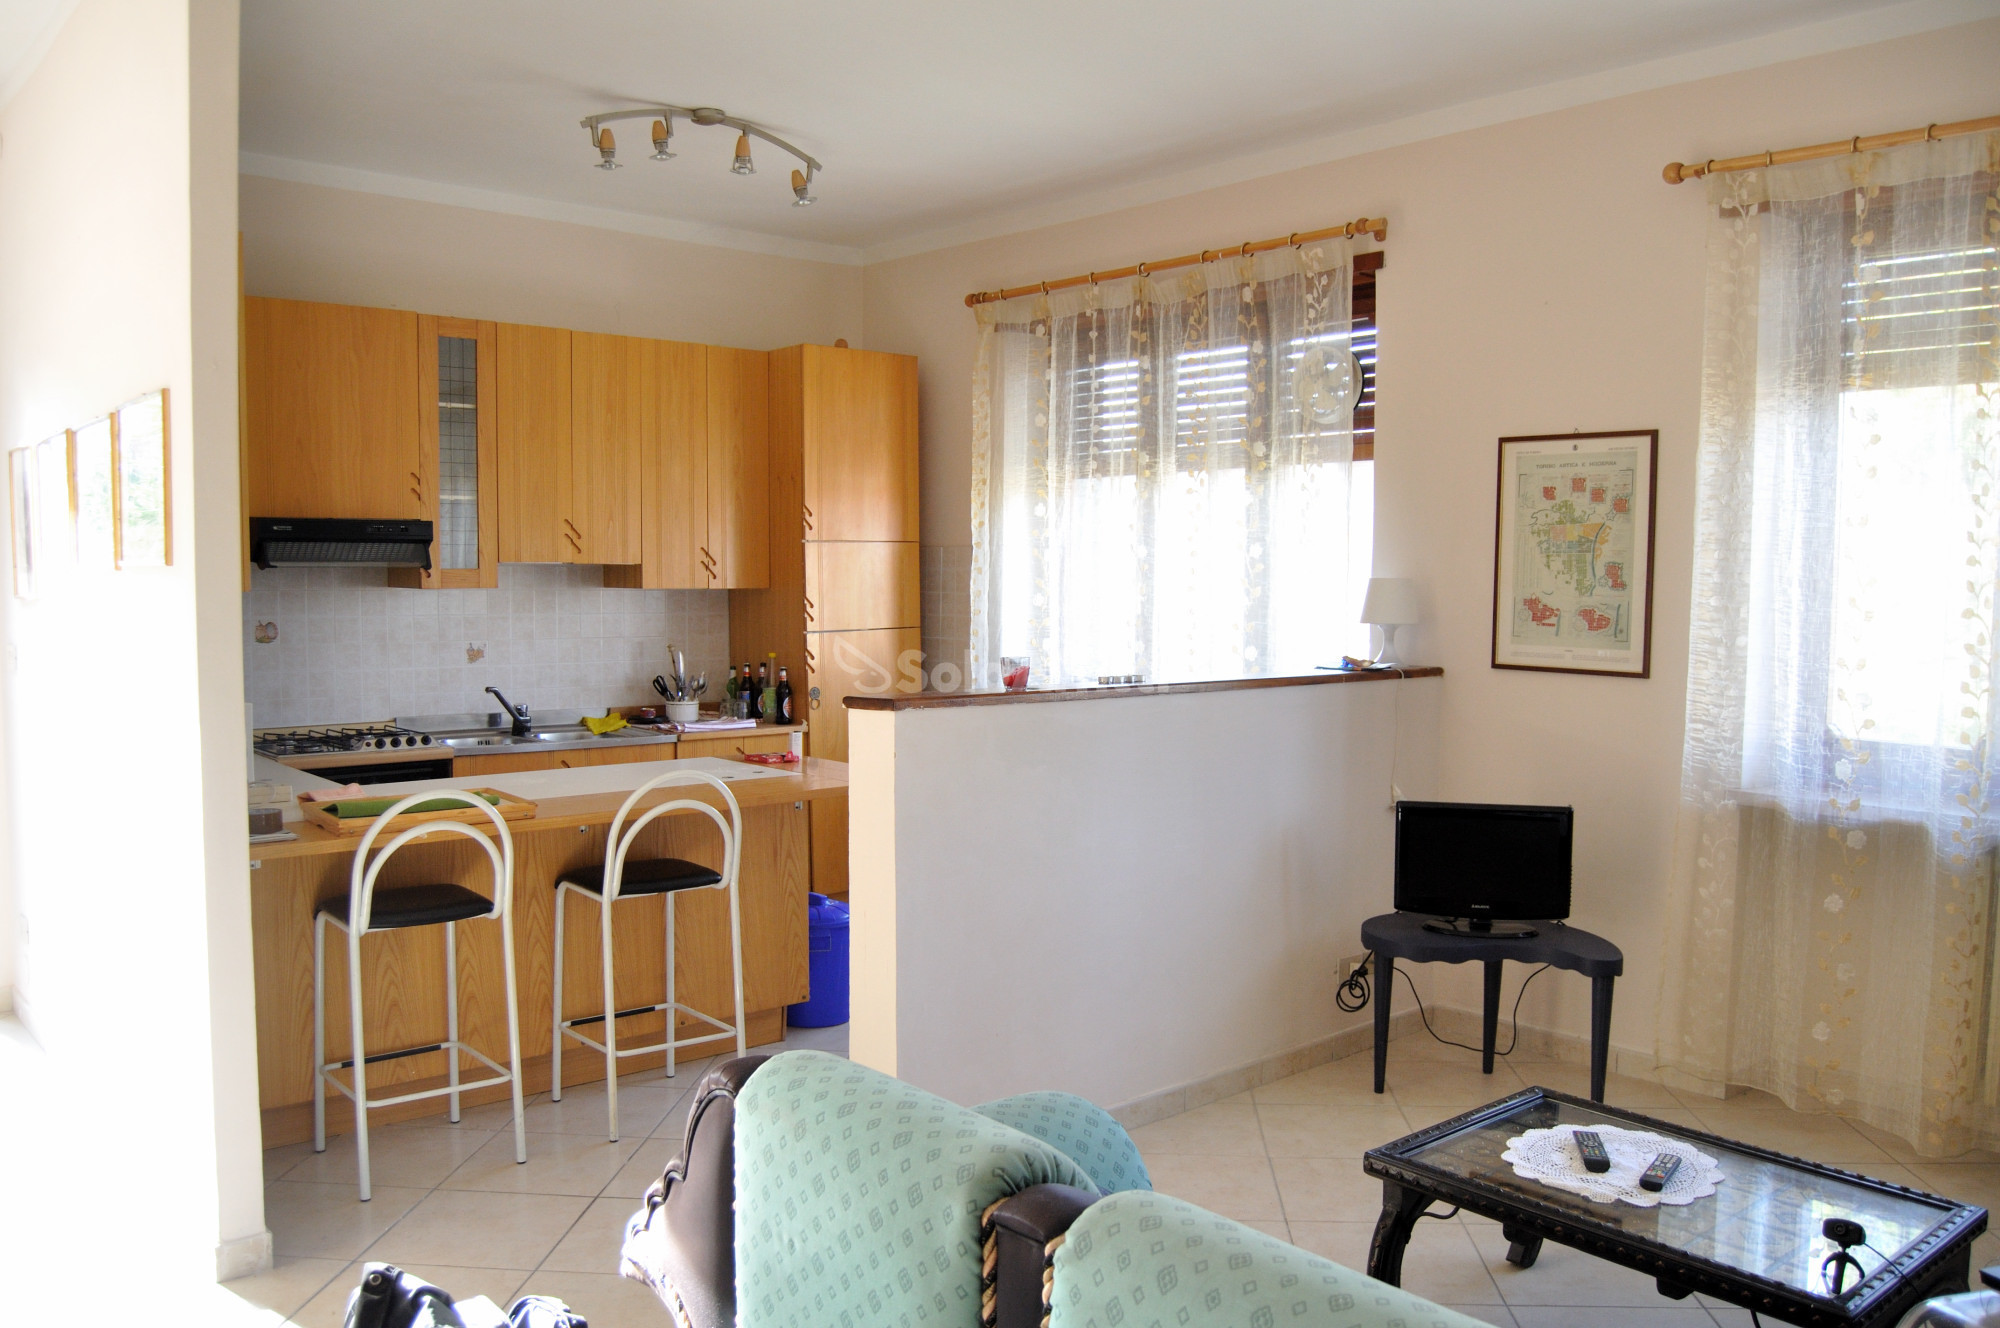 Affitto appartamento trilocale arredato for Affitto chieri arredato